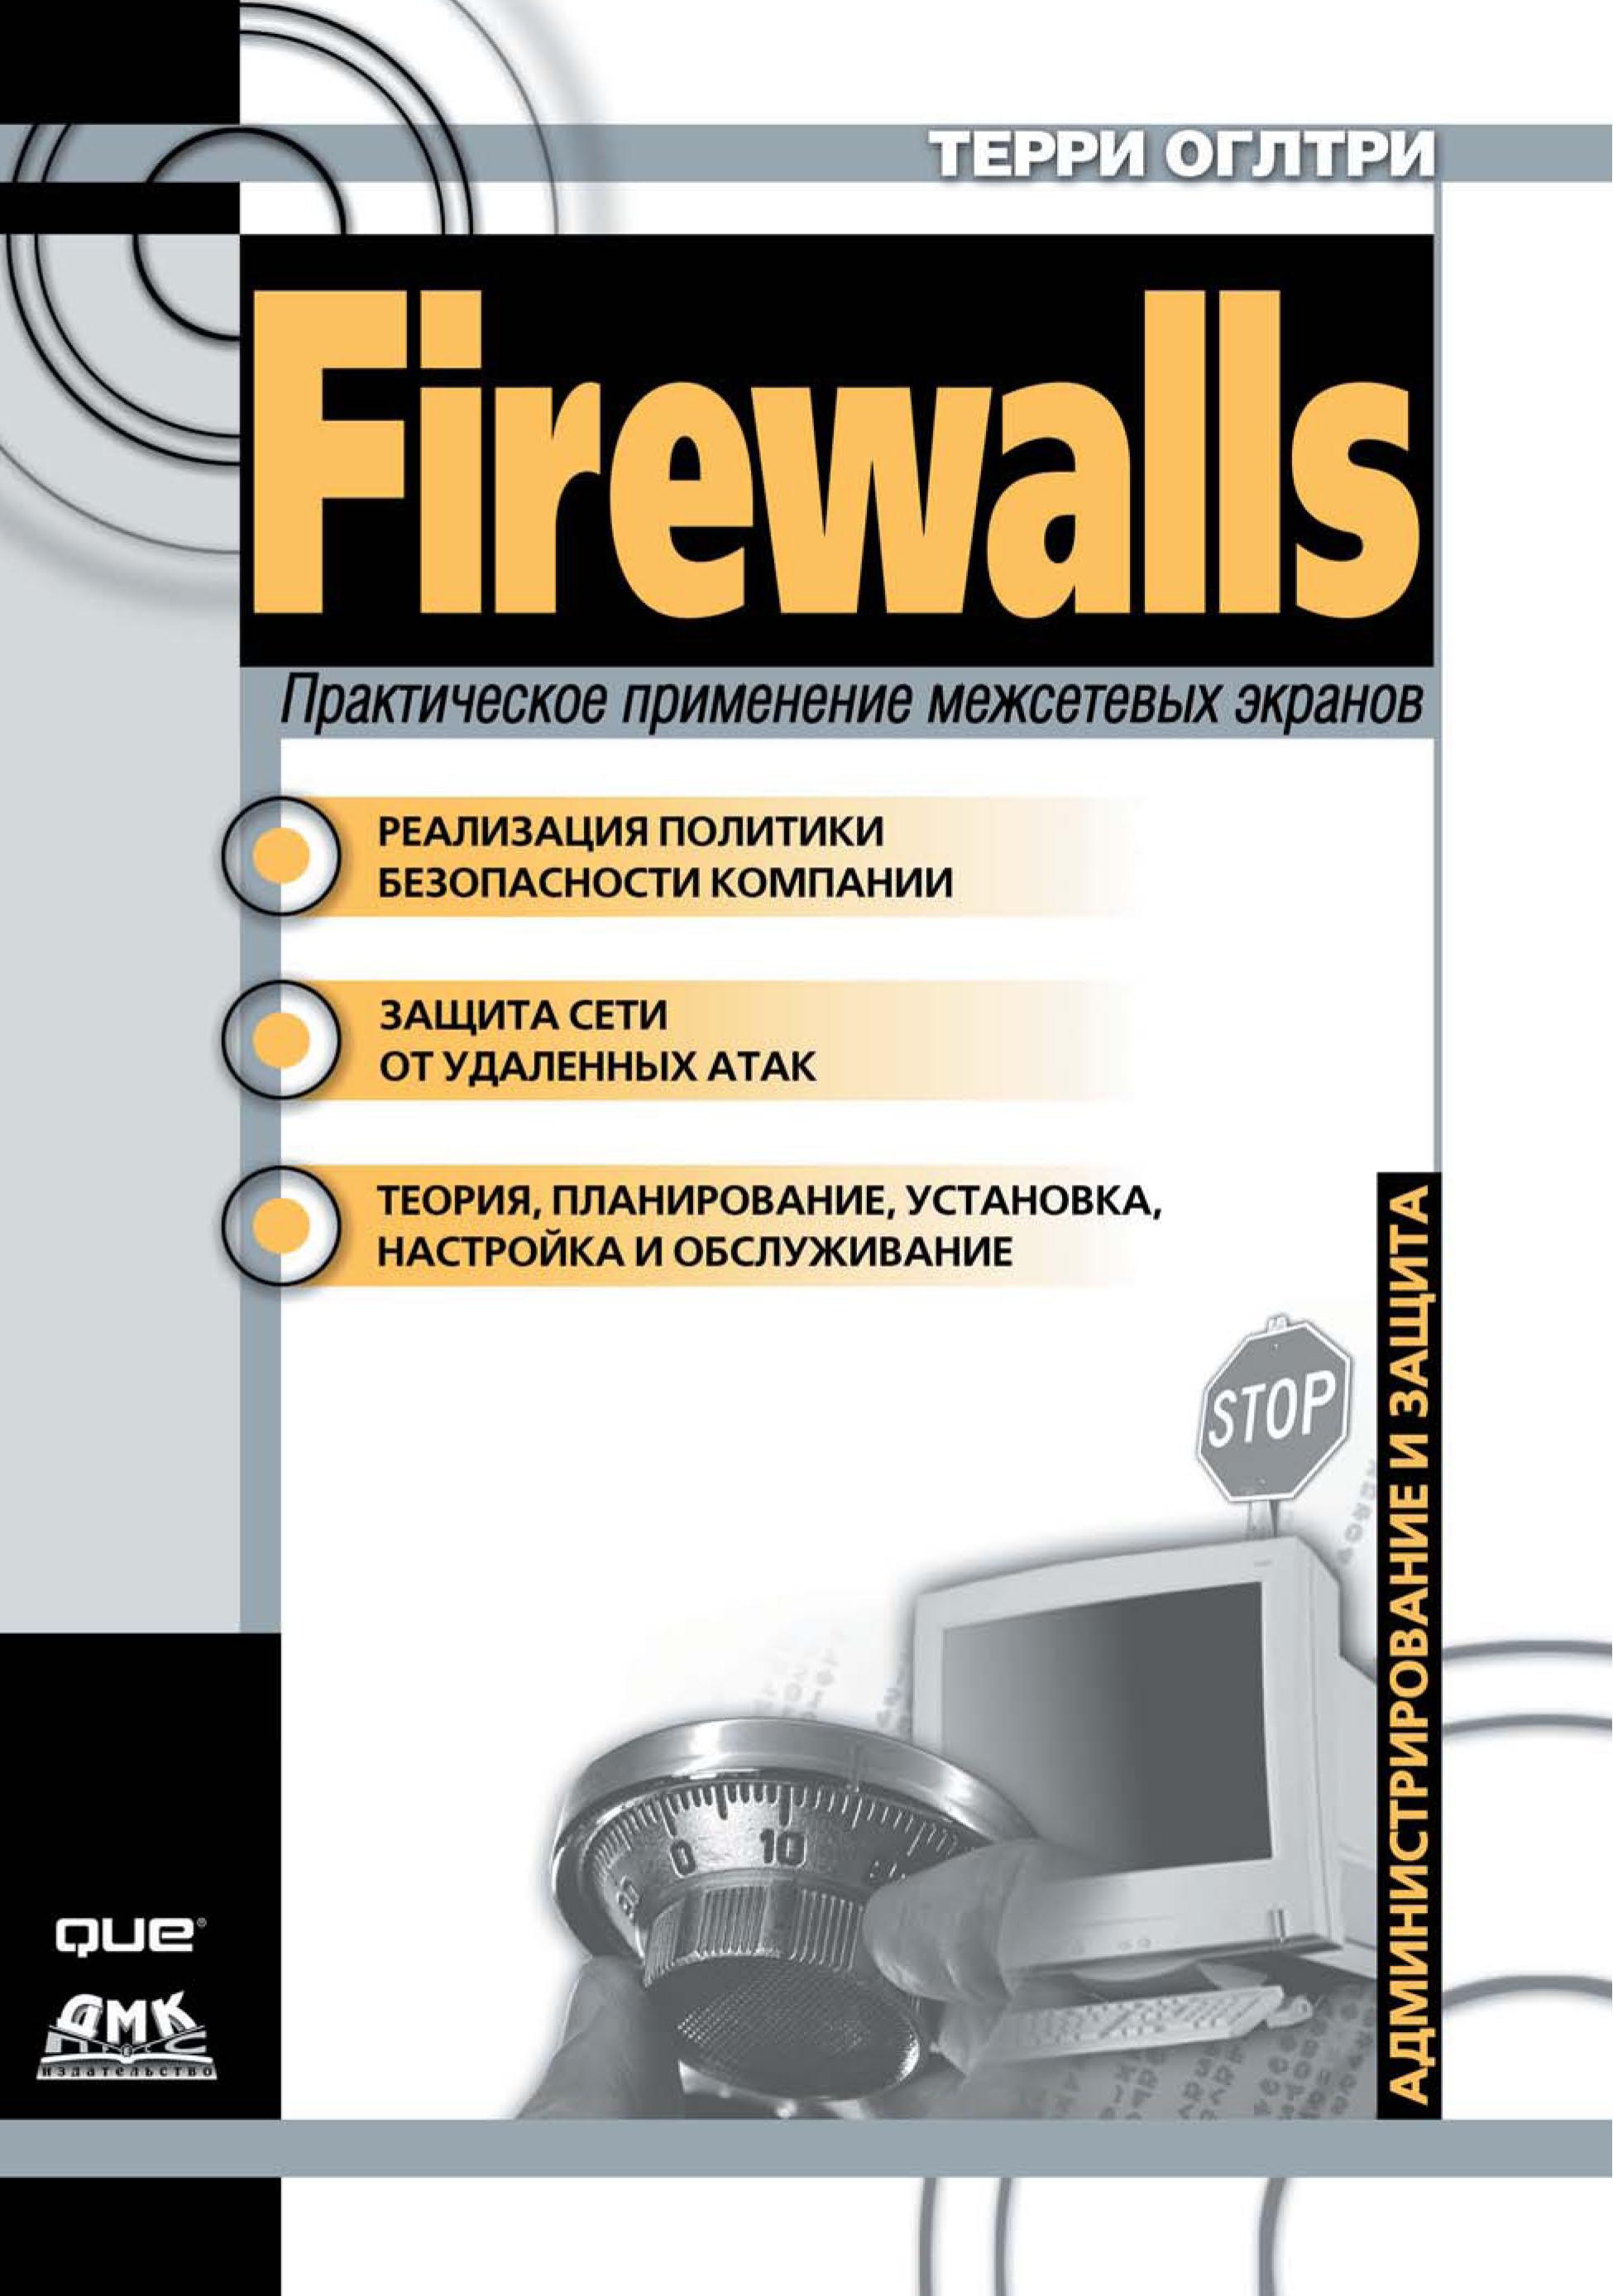 Firewalls.Практическое применение межсетевых экранов